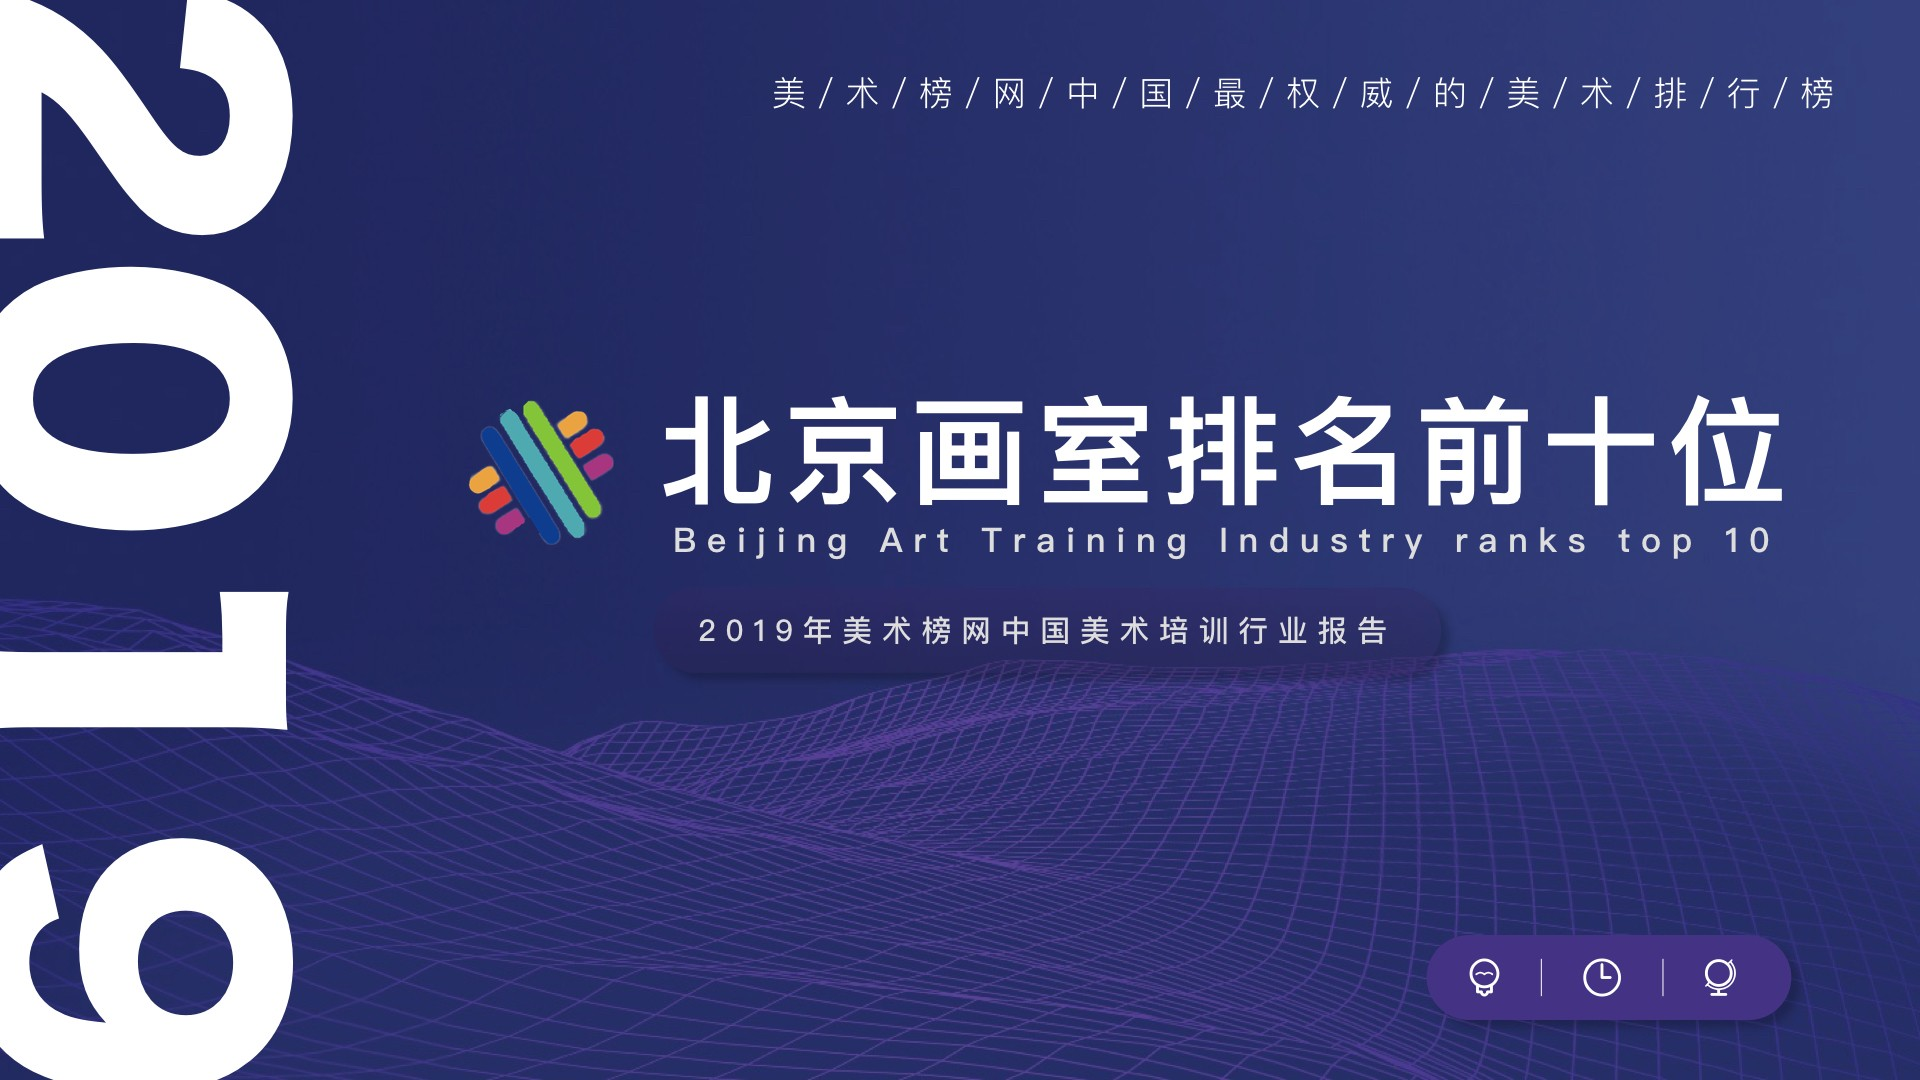 美术榜公布2019年北京画室排名前十位,助力北京画室安康展开